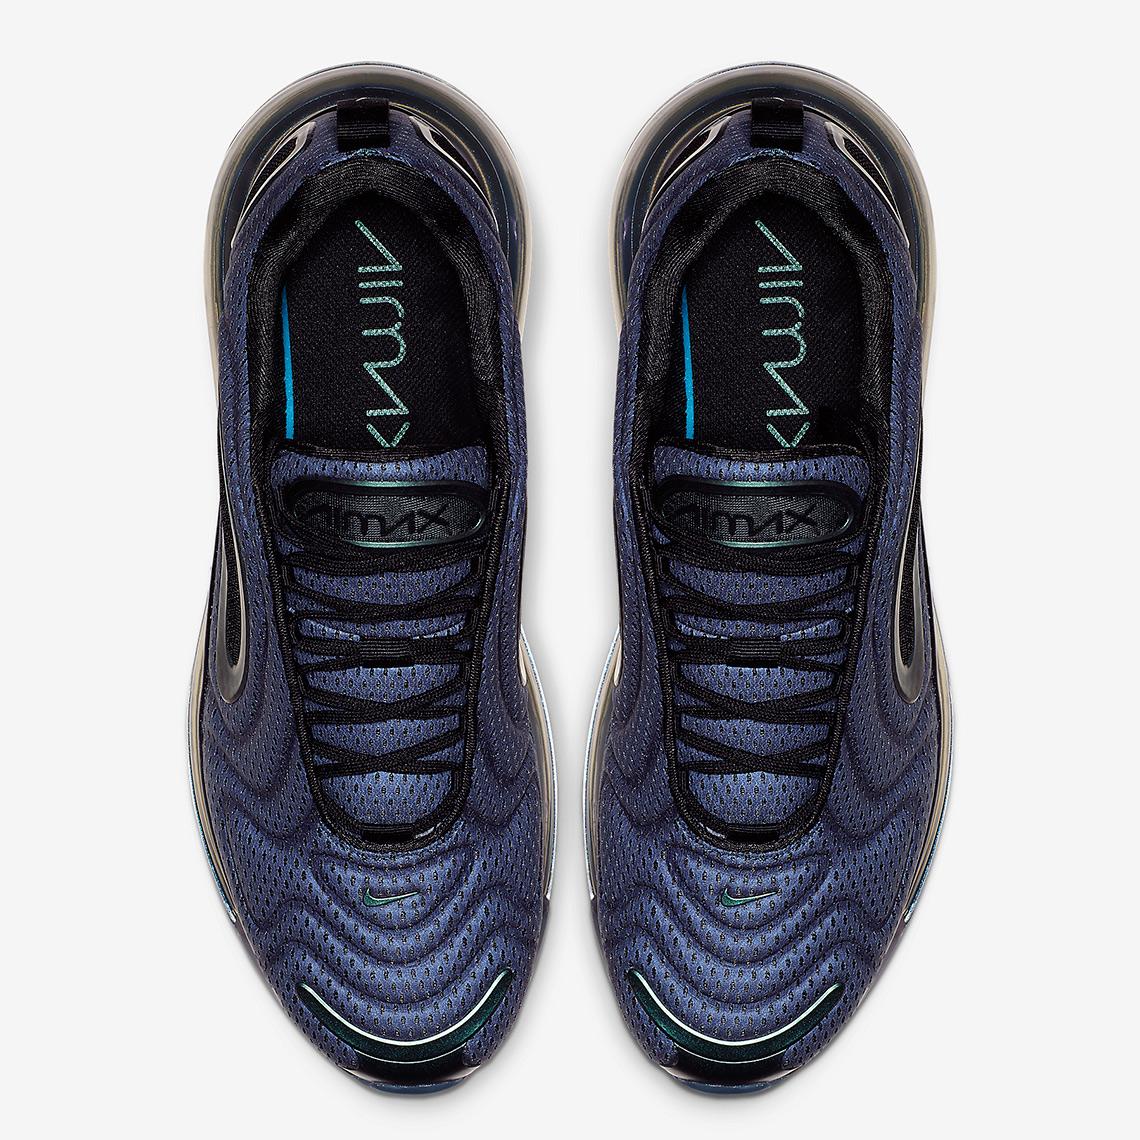 b908ebbc5b3a9 Nike Air Max 720 Aurora Borealis AO2924-001 Release Info ...